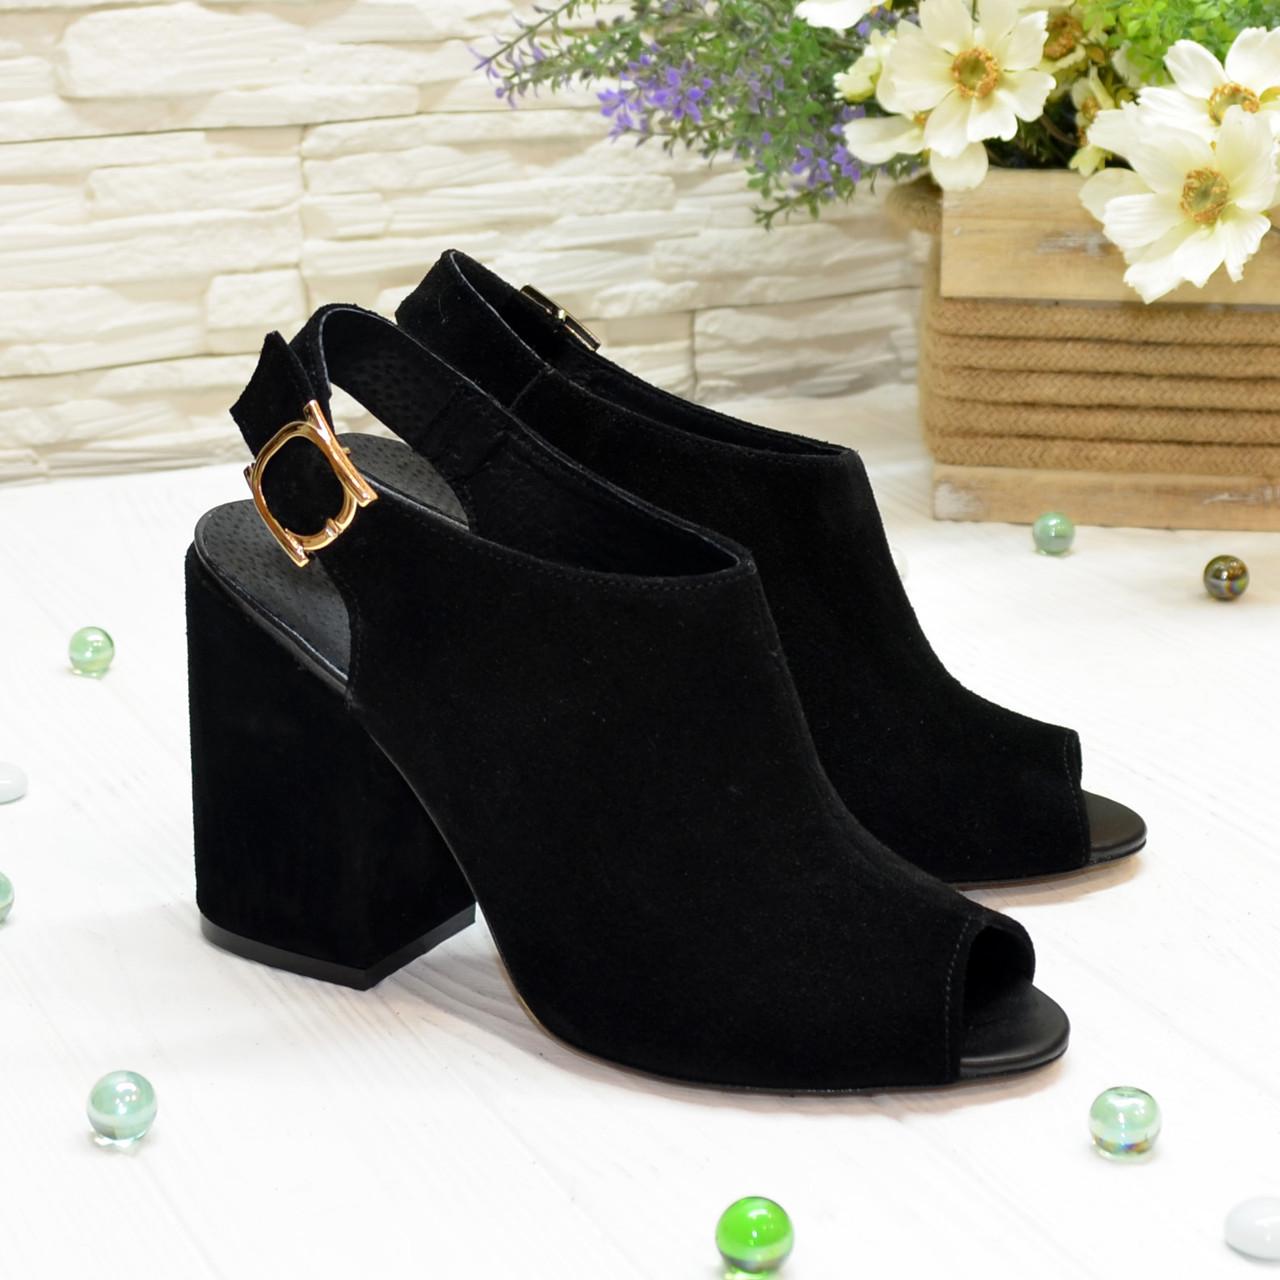 Босоножки замшевые черные женские на устойчивом каблуке